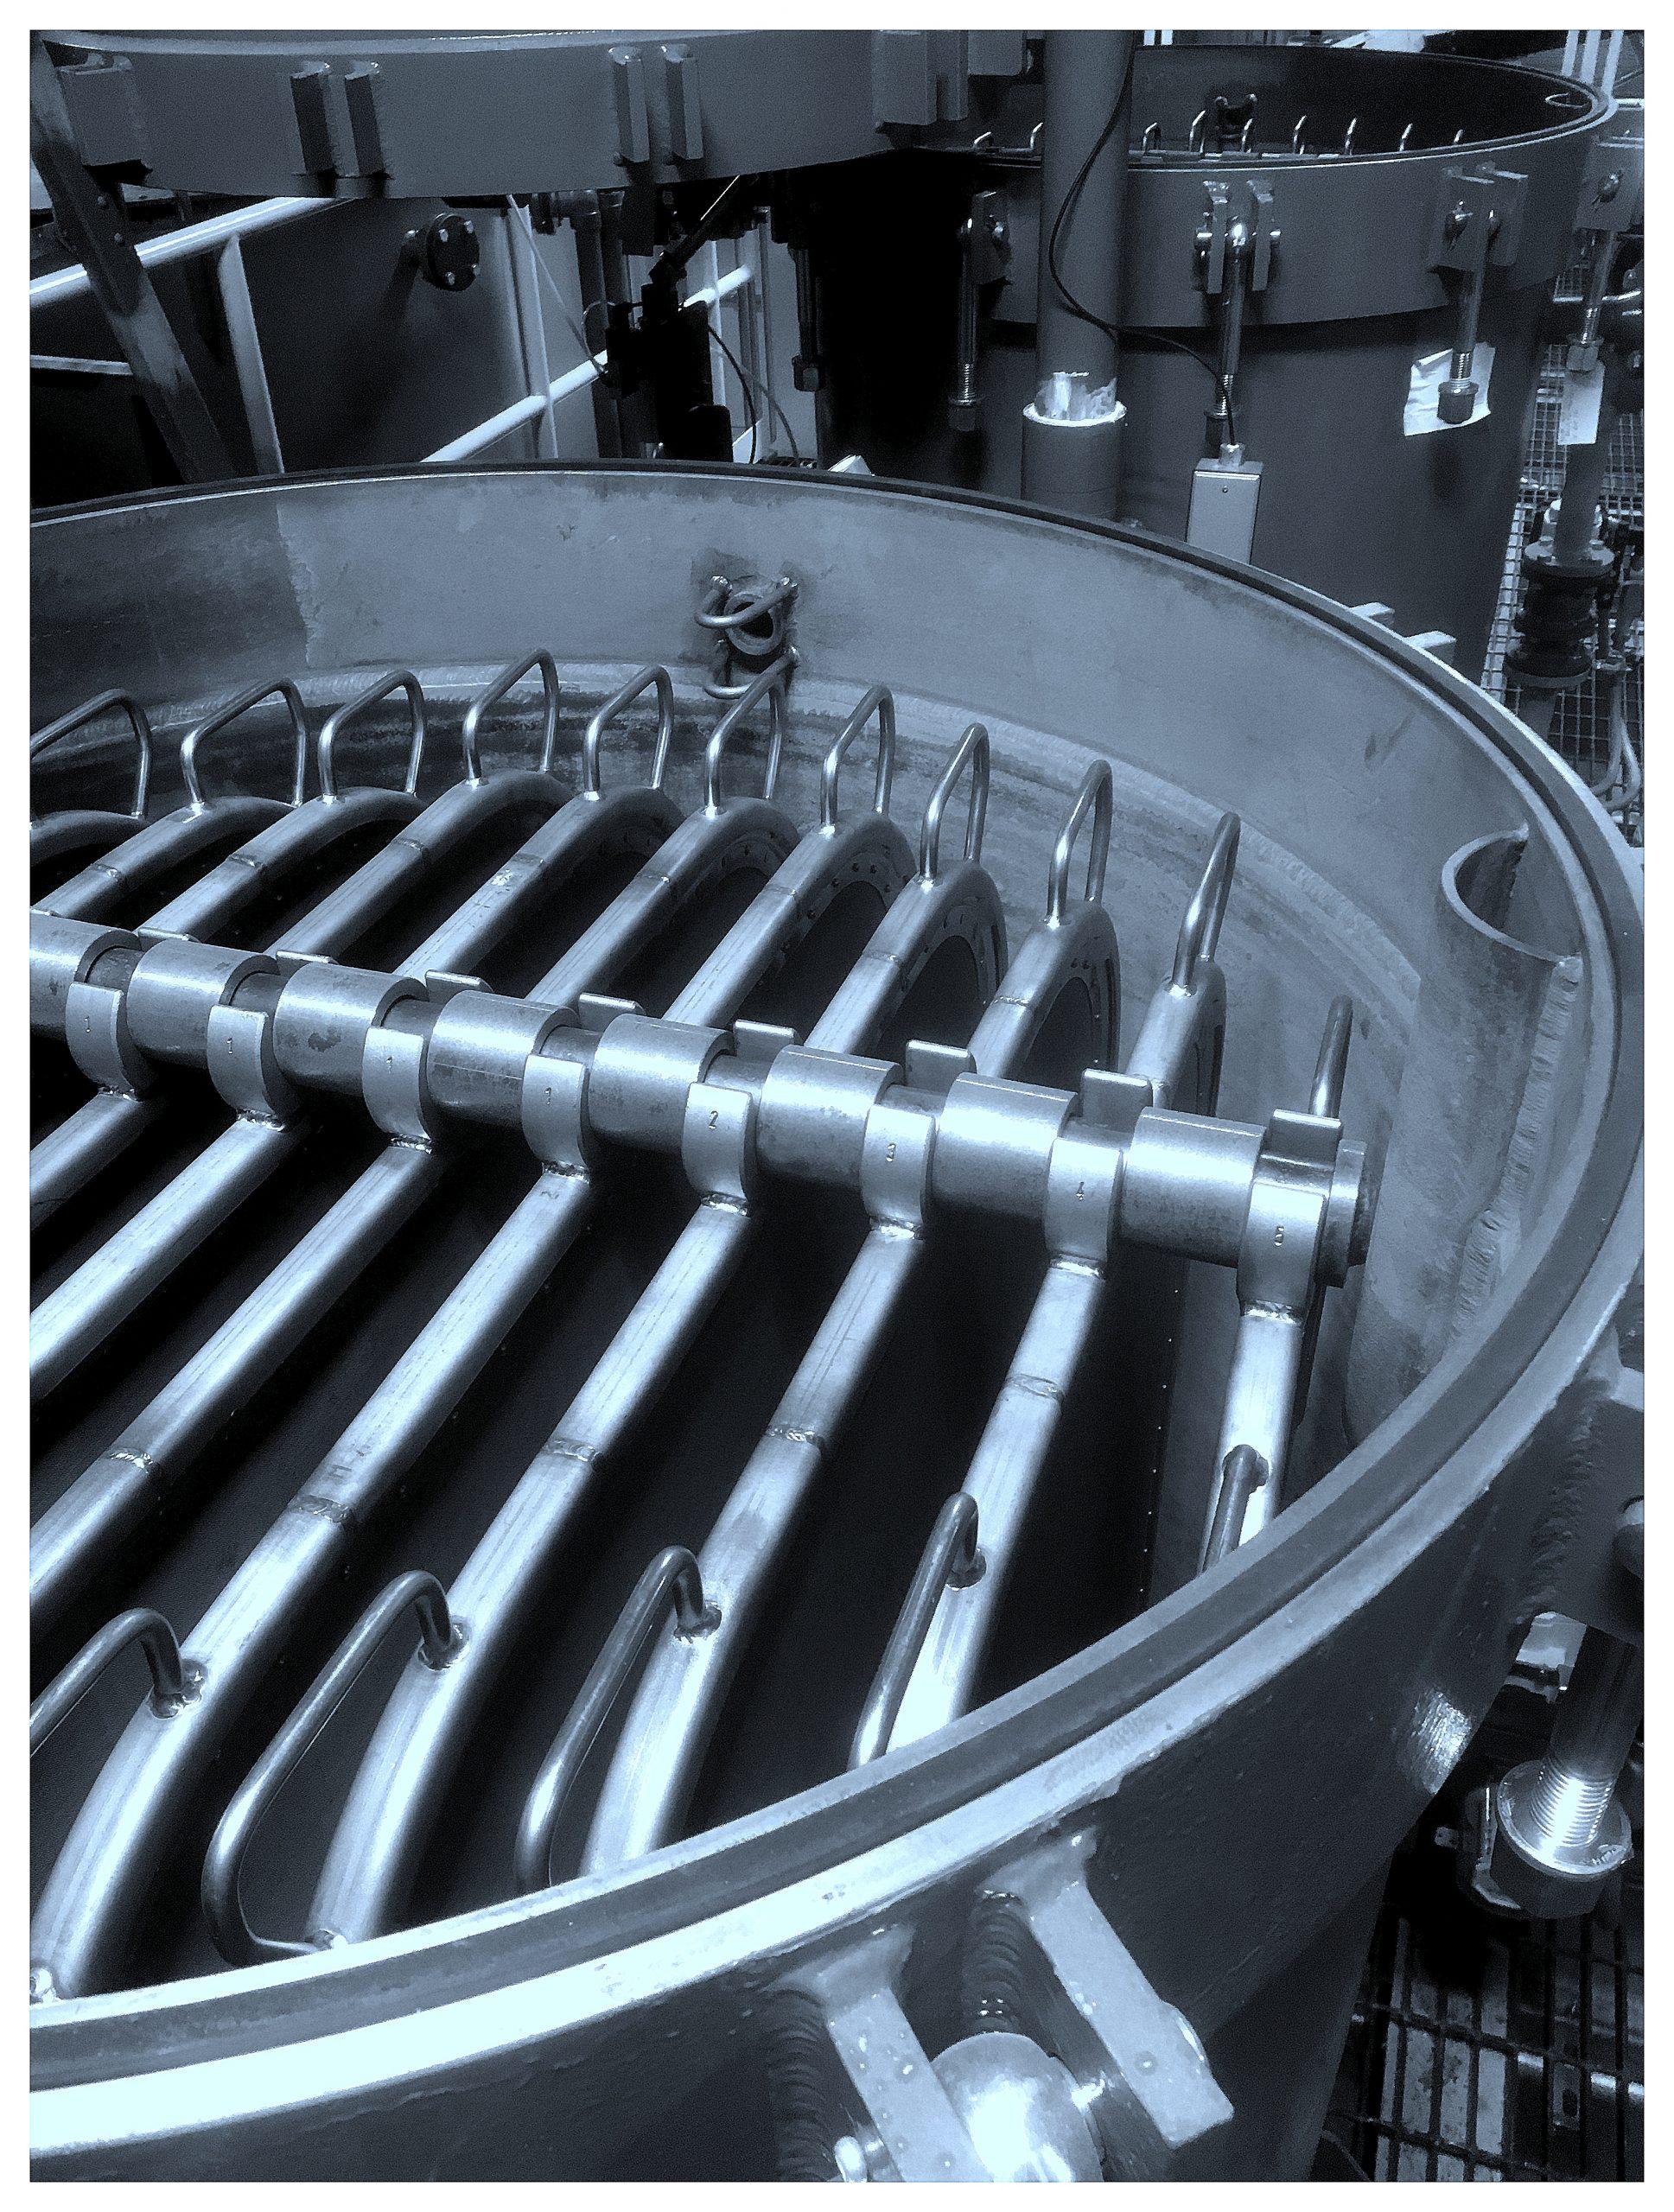 Pressure leaf filters